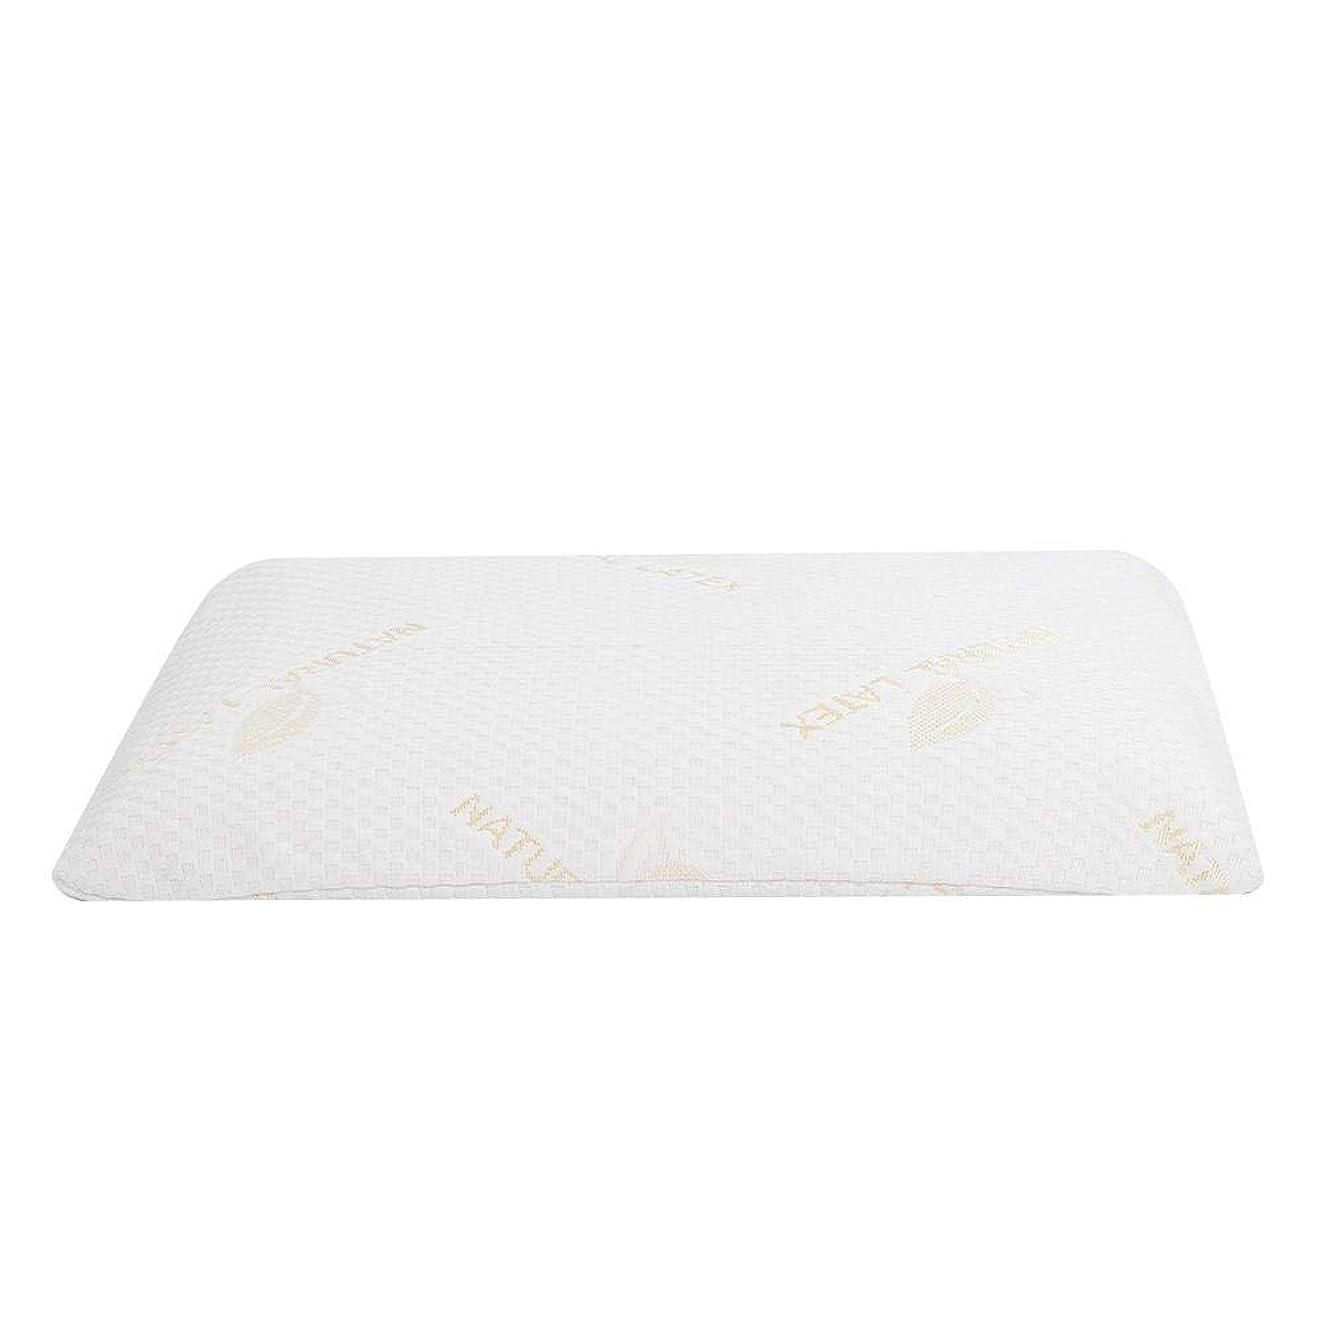 確かめる追加数字ラテックス枕、首と肩の痛みのための睡眠の自然な高い整形外科顆粒マッサージデザインのための豪華な記憶枕